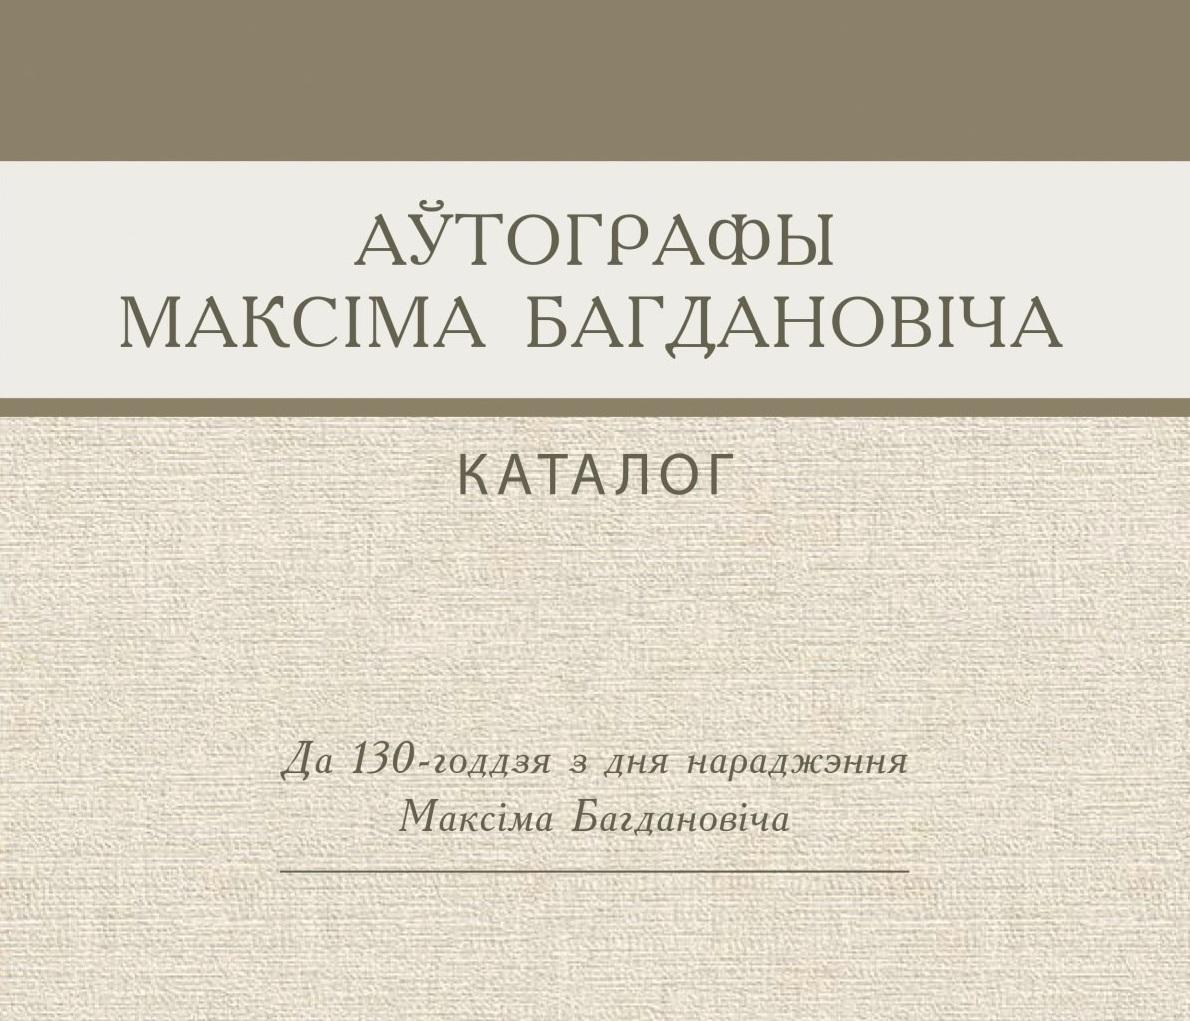 Літаратурны музей Максіма Багдановіча выдаў каталог з аўтографамі паэта